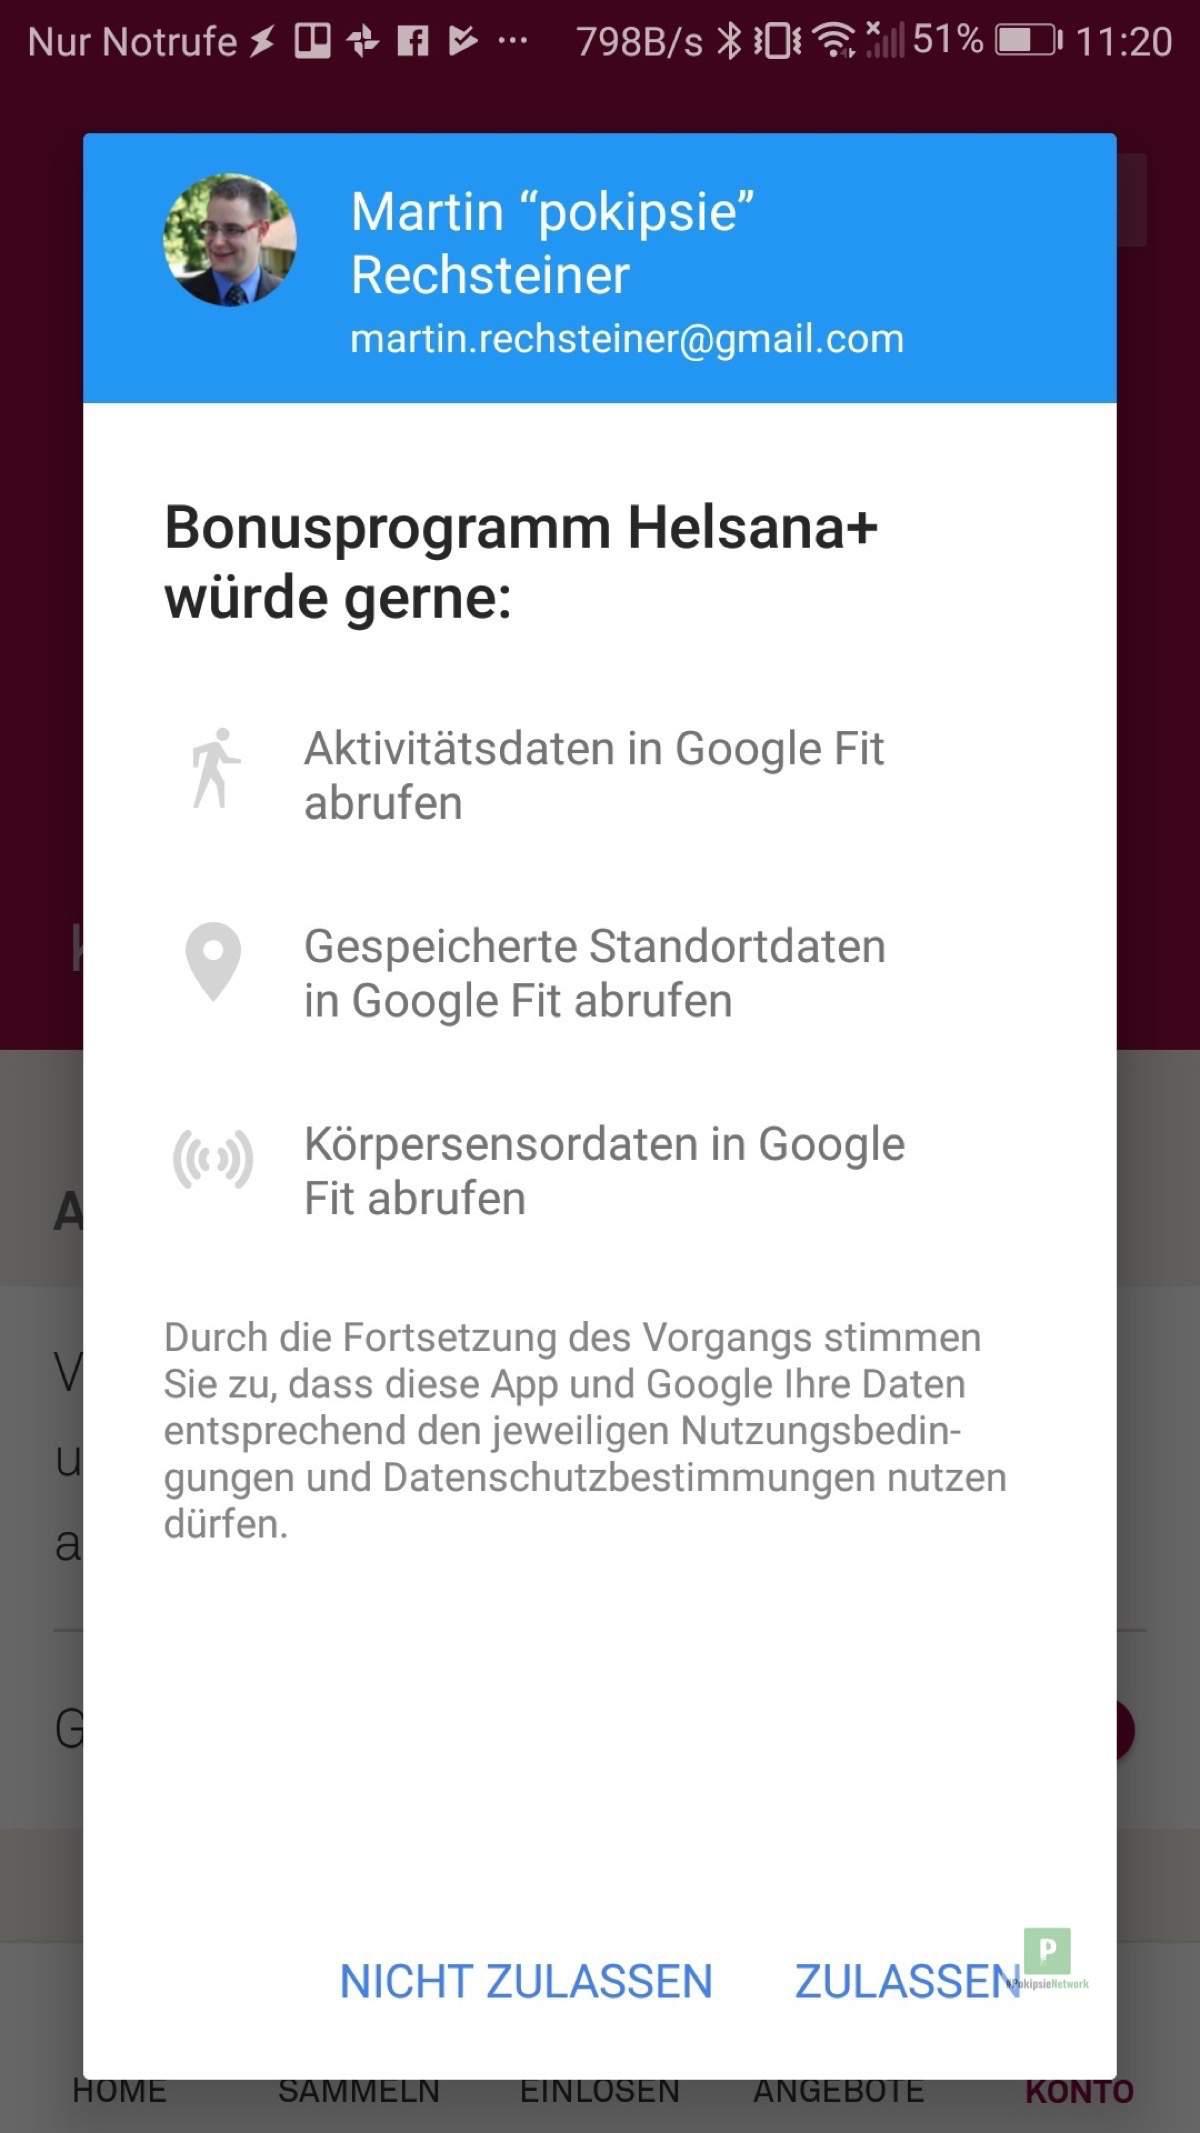 Helsana + Bonusprogramm App im Test